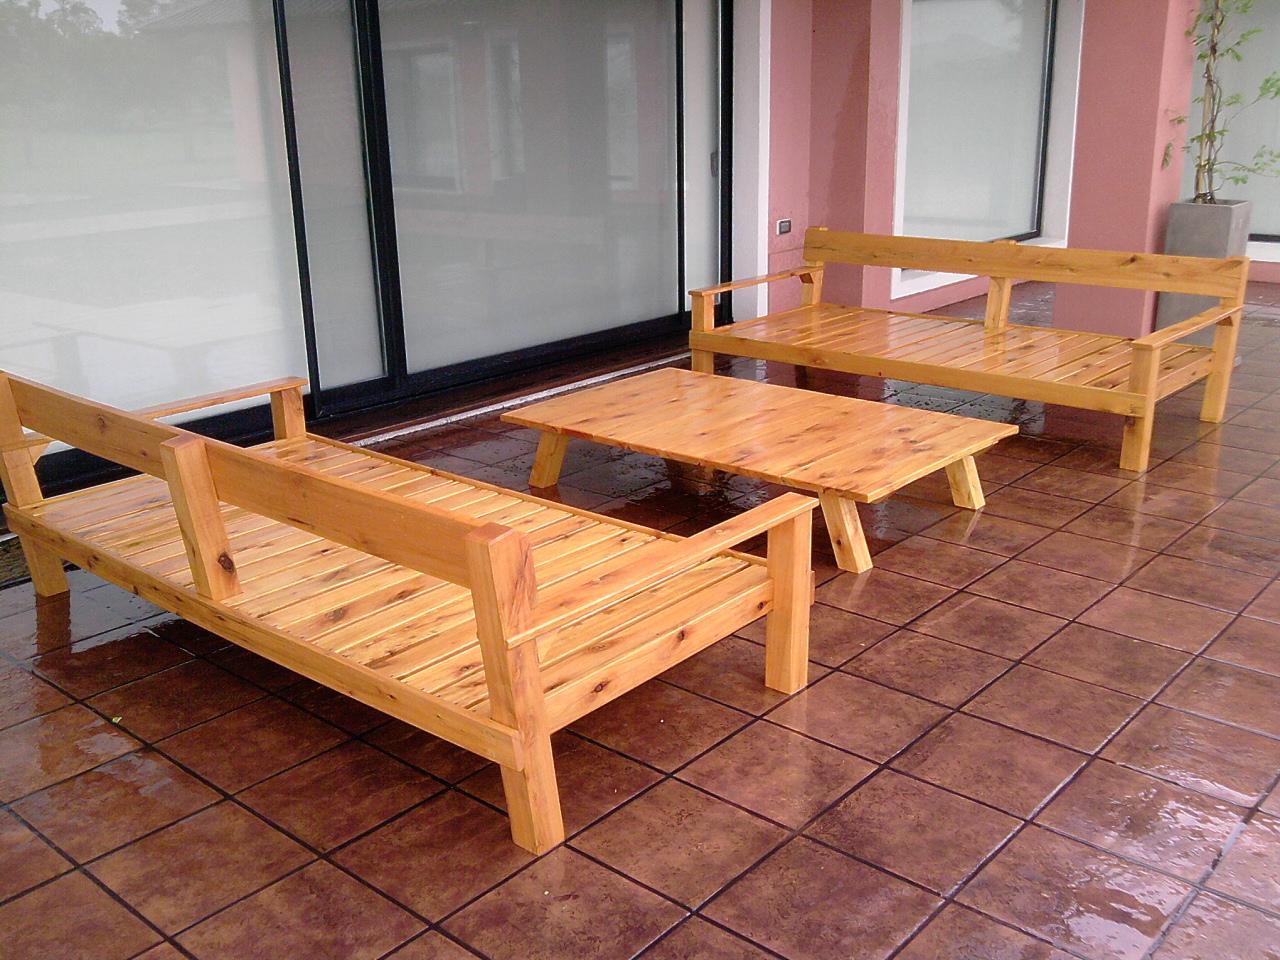 Amoblamientos cj juego de bancos y mesa de jardin for Mesa y banco de jardin